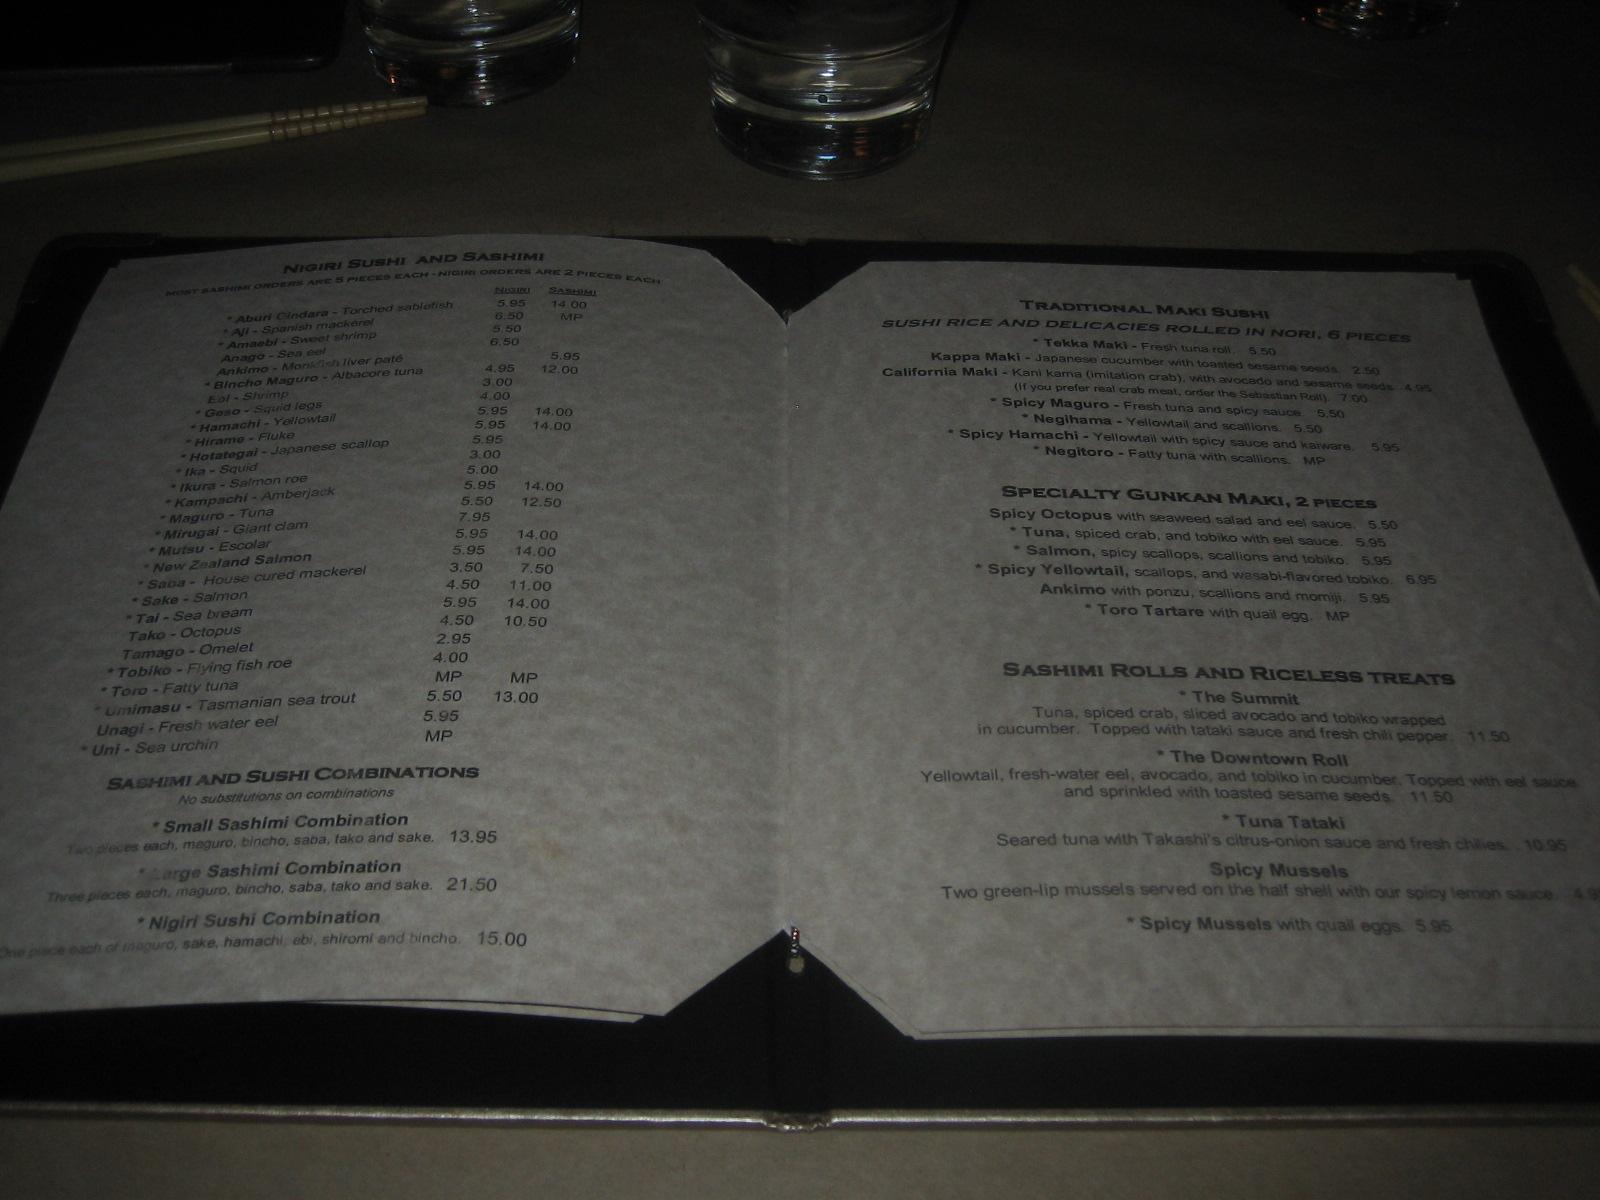 Takashi Restaurant Salt Lake City Menu